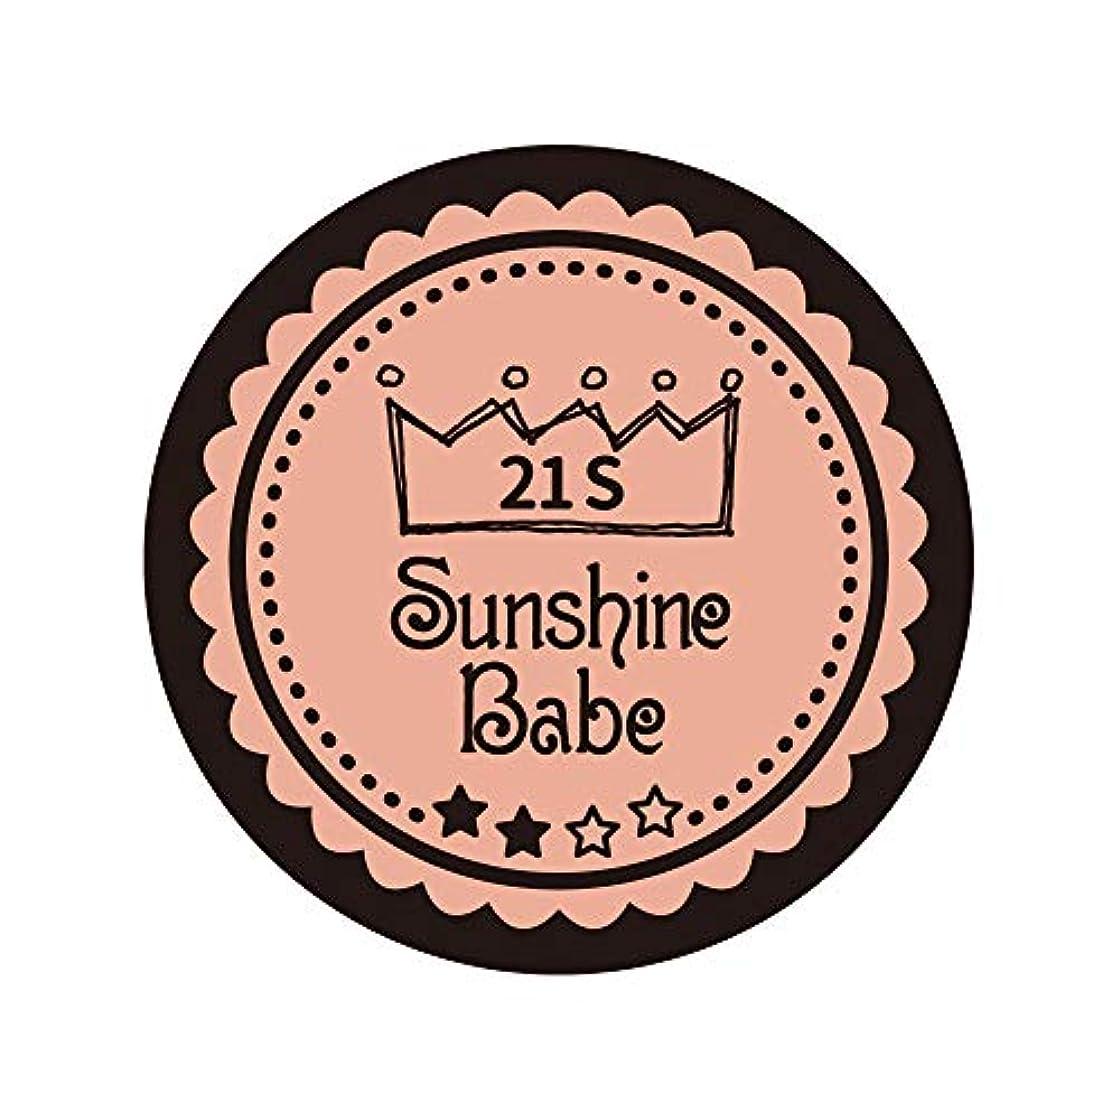 ポーンハウジング穏やかなSunshine Babe カラージェル 21S アロンピンク 2.7g UV/LED対応